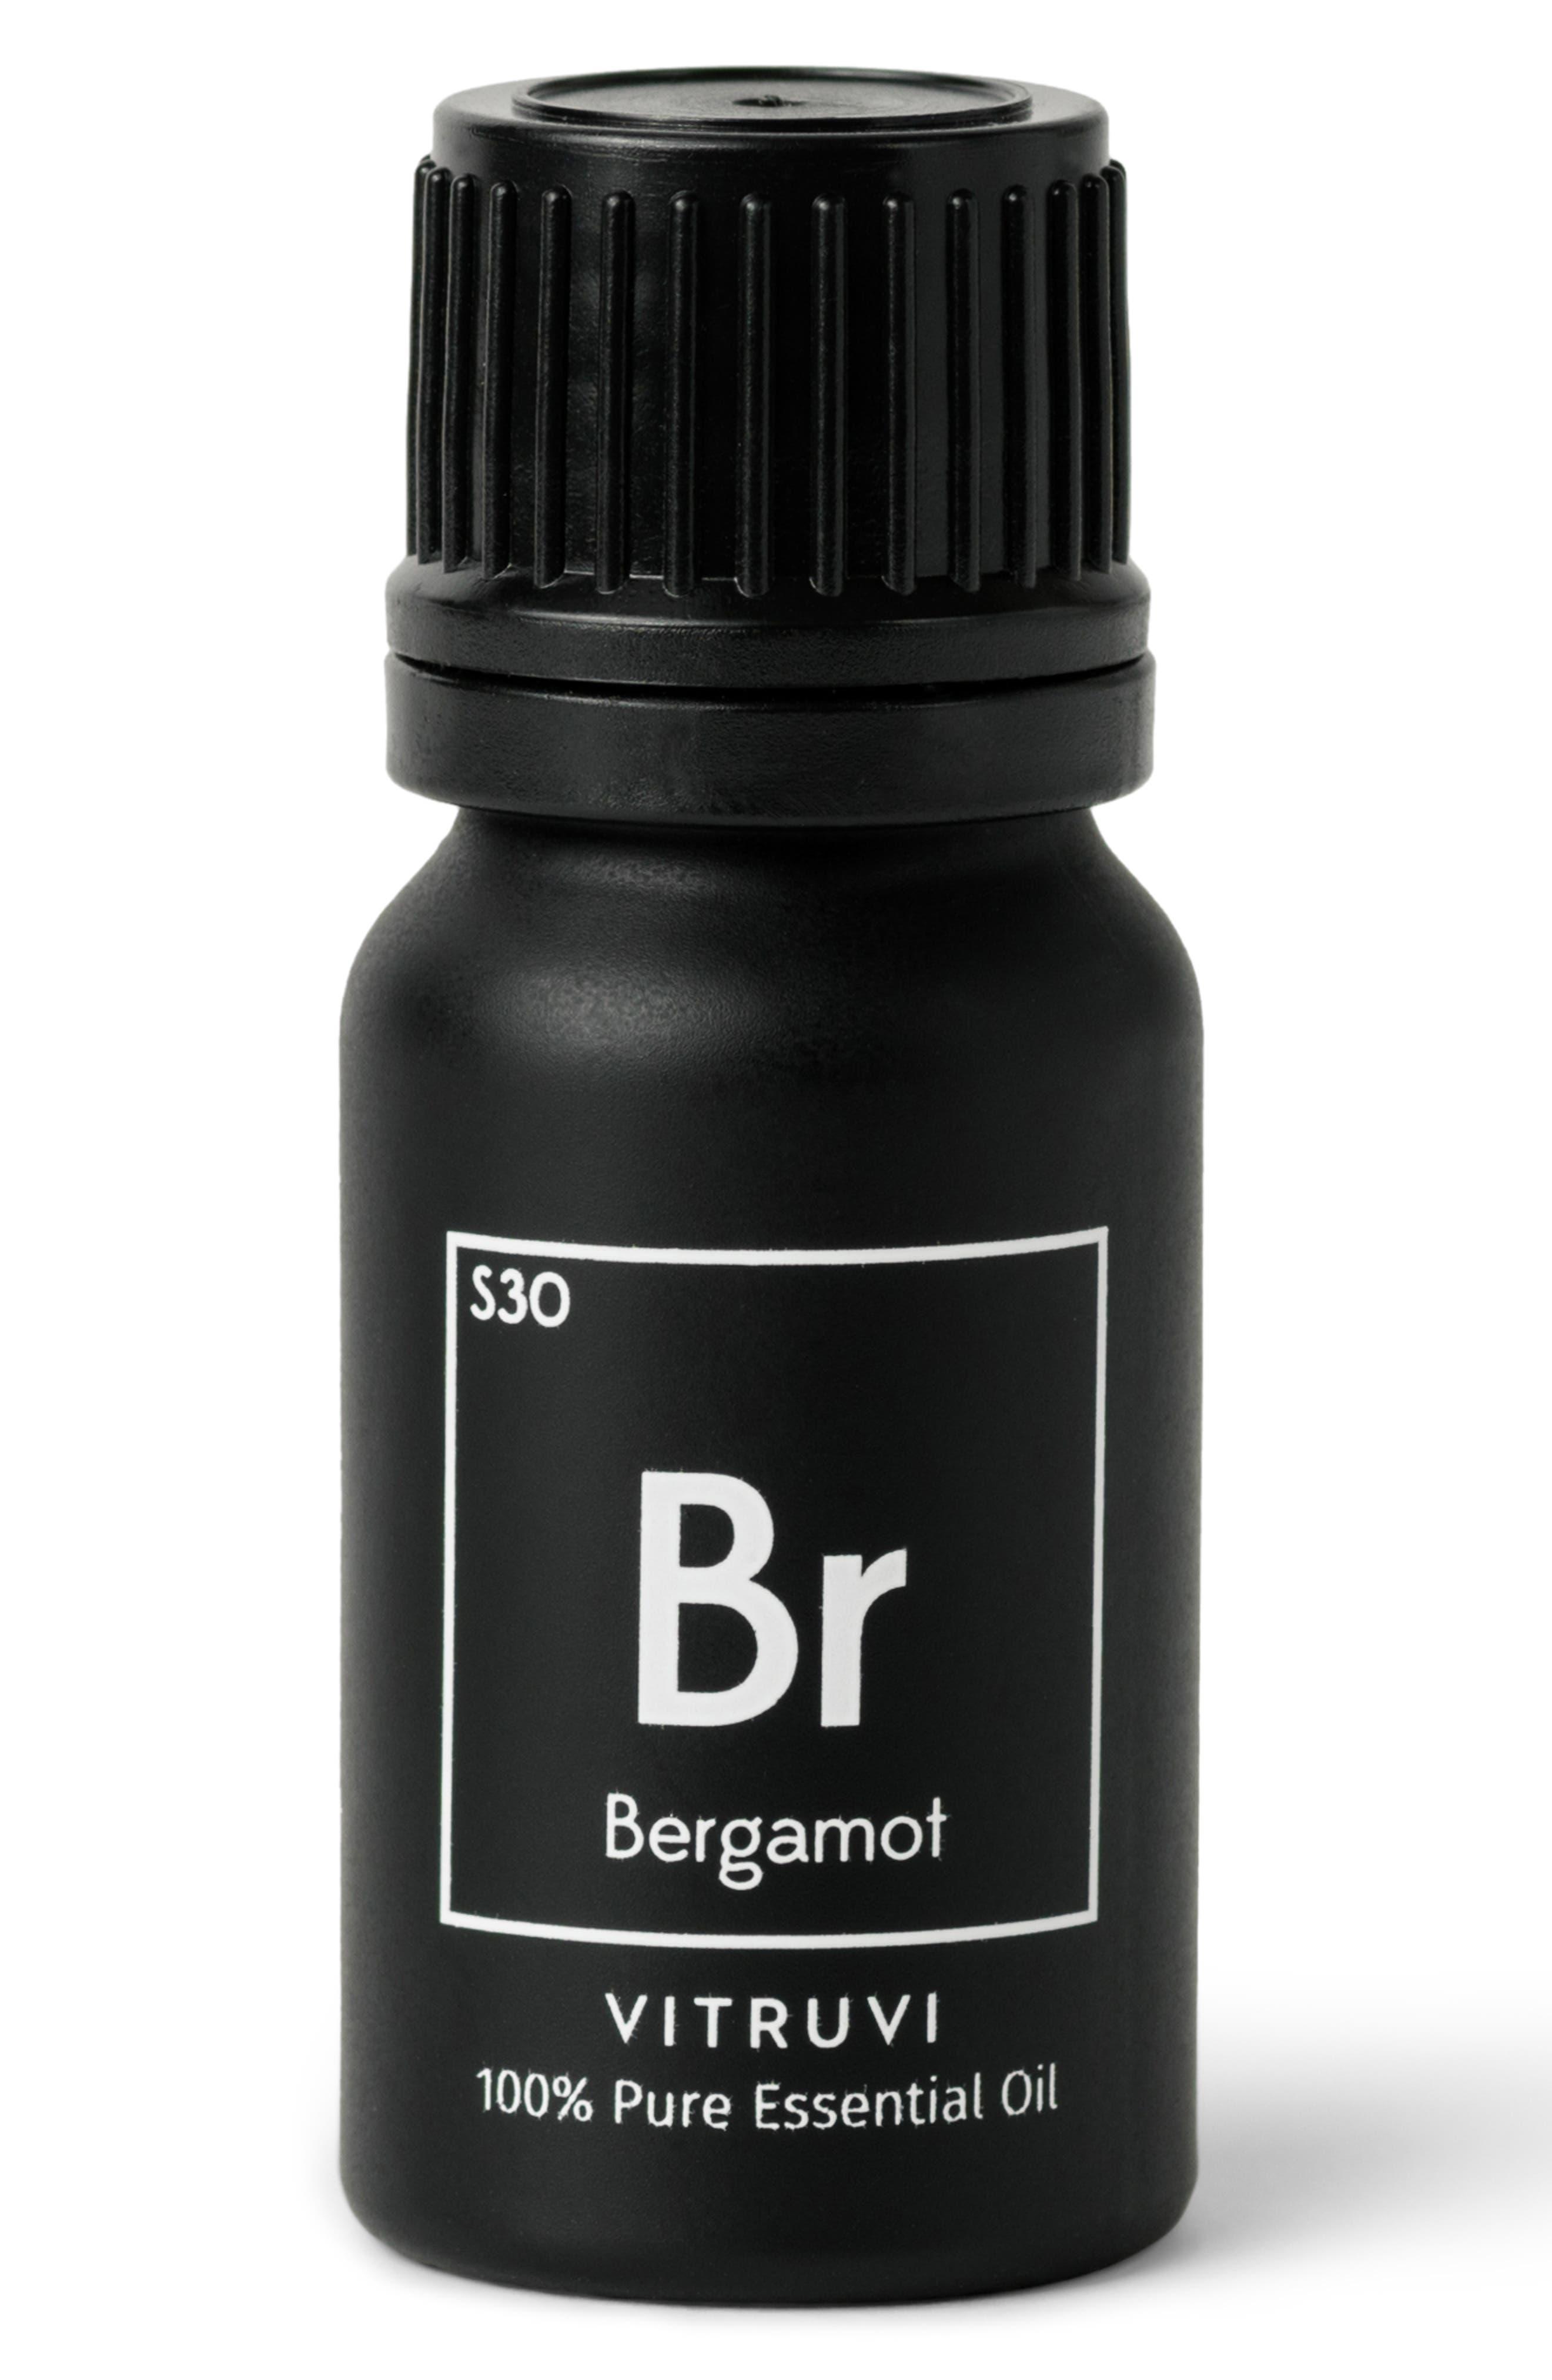 VITRUVI Bergamot Essential Oil, Main, color, NONE